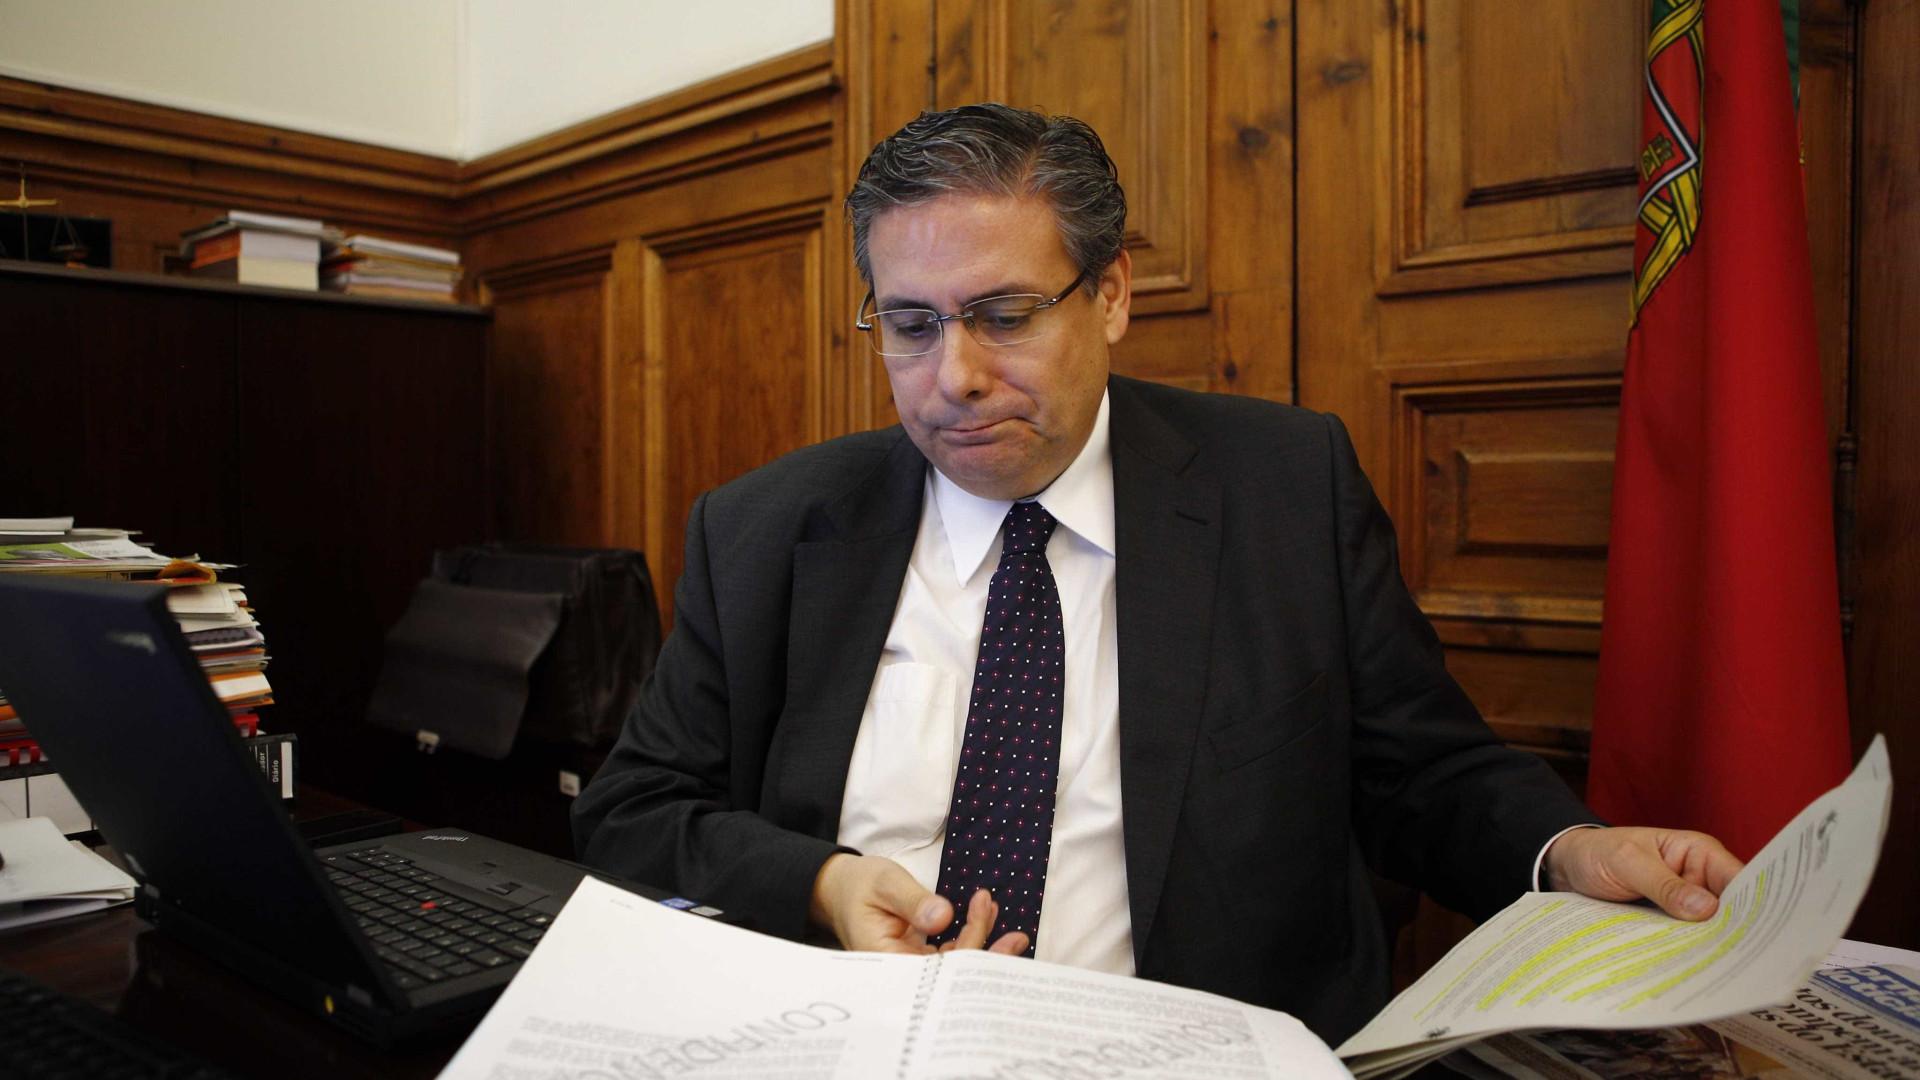 Abreu Amorim recorda queda do BES e critica comissão de honra de Rui Rio